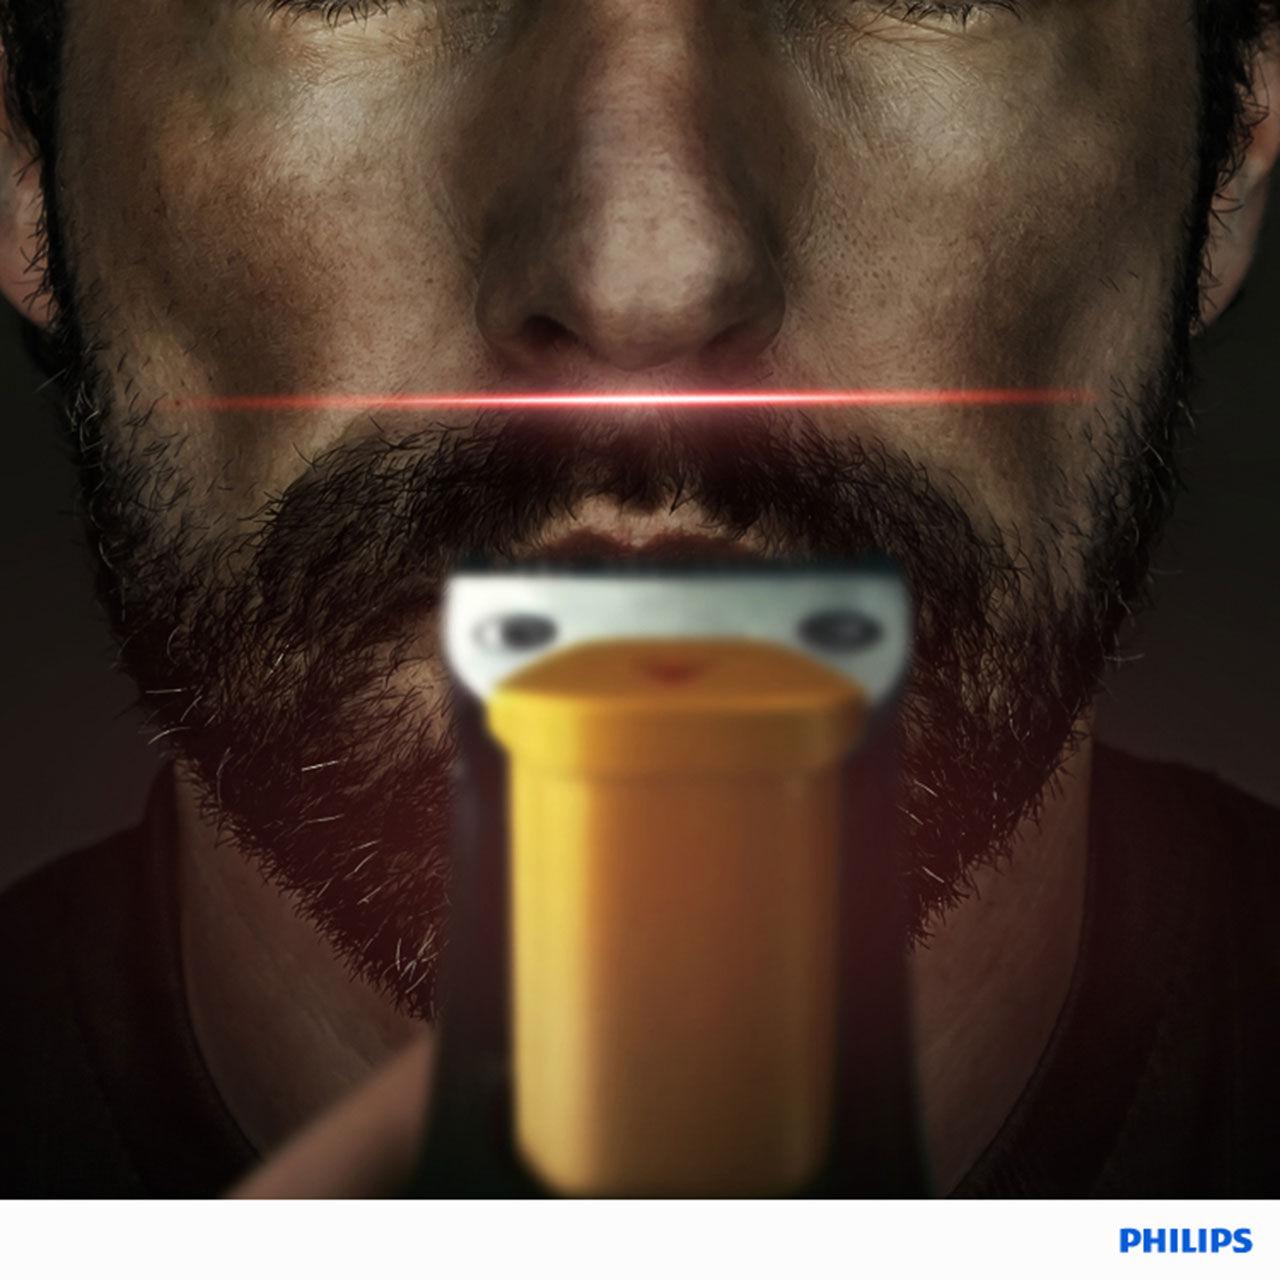 ta bort mustasch med laser